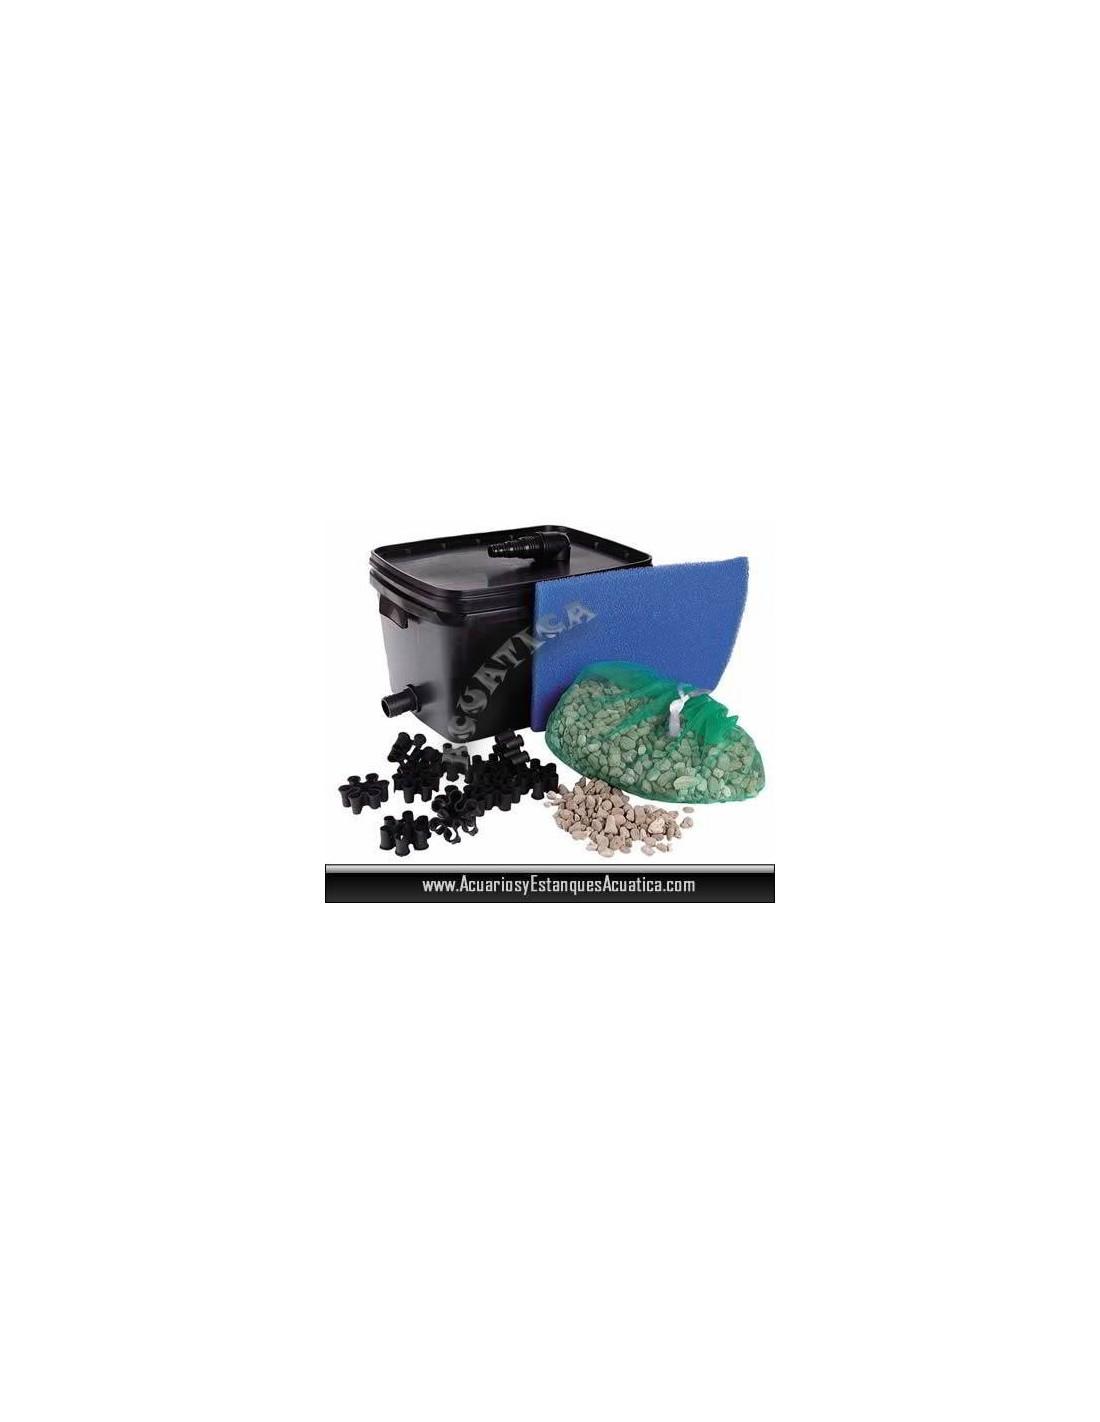 Ubbink filtrapure 2000 filtro estanques acuarios y for Estanque prefabricado barato